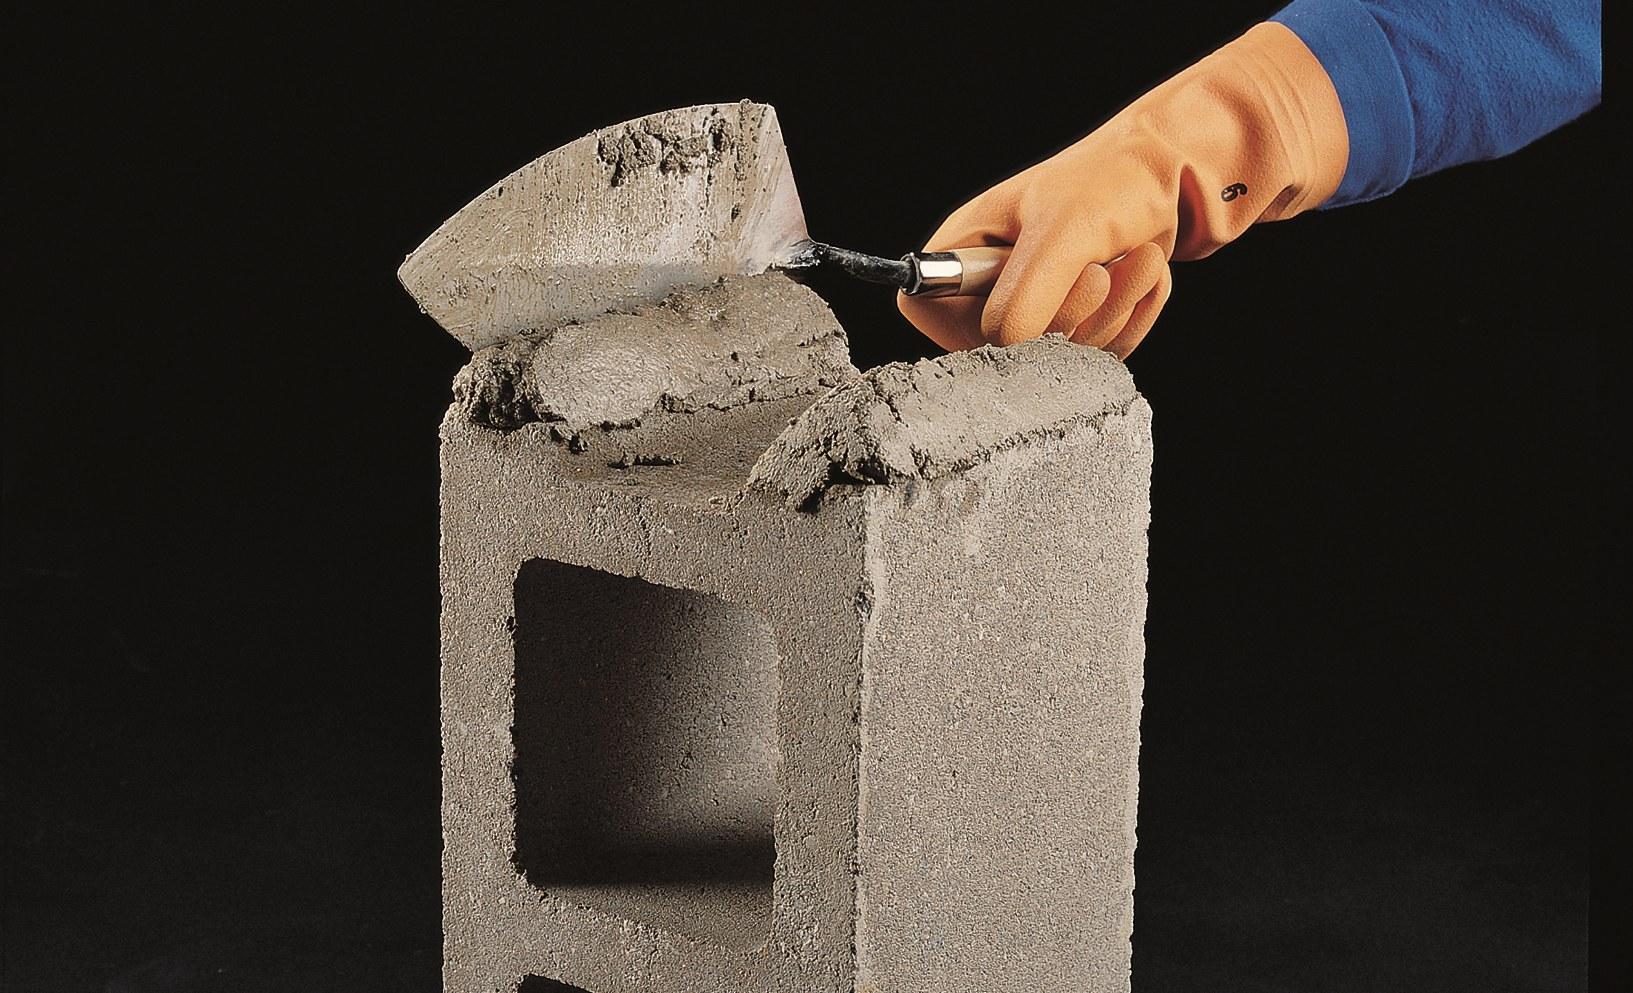 C mo construir una pared de bloques de concreto constru for Hacer escalera de cemento